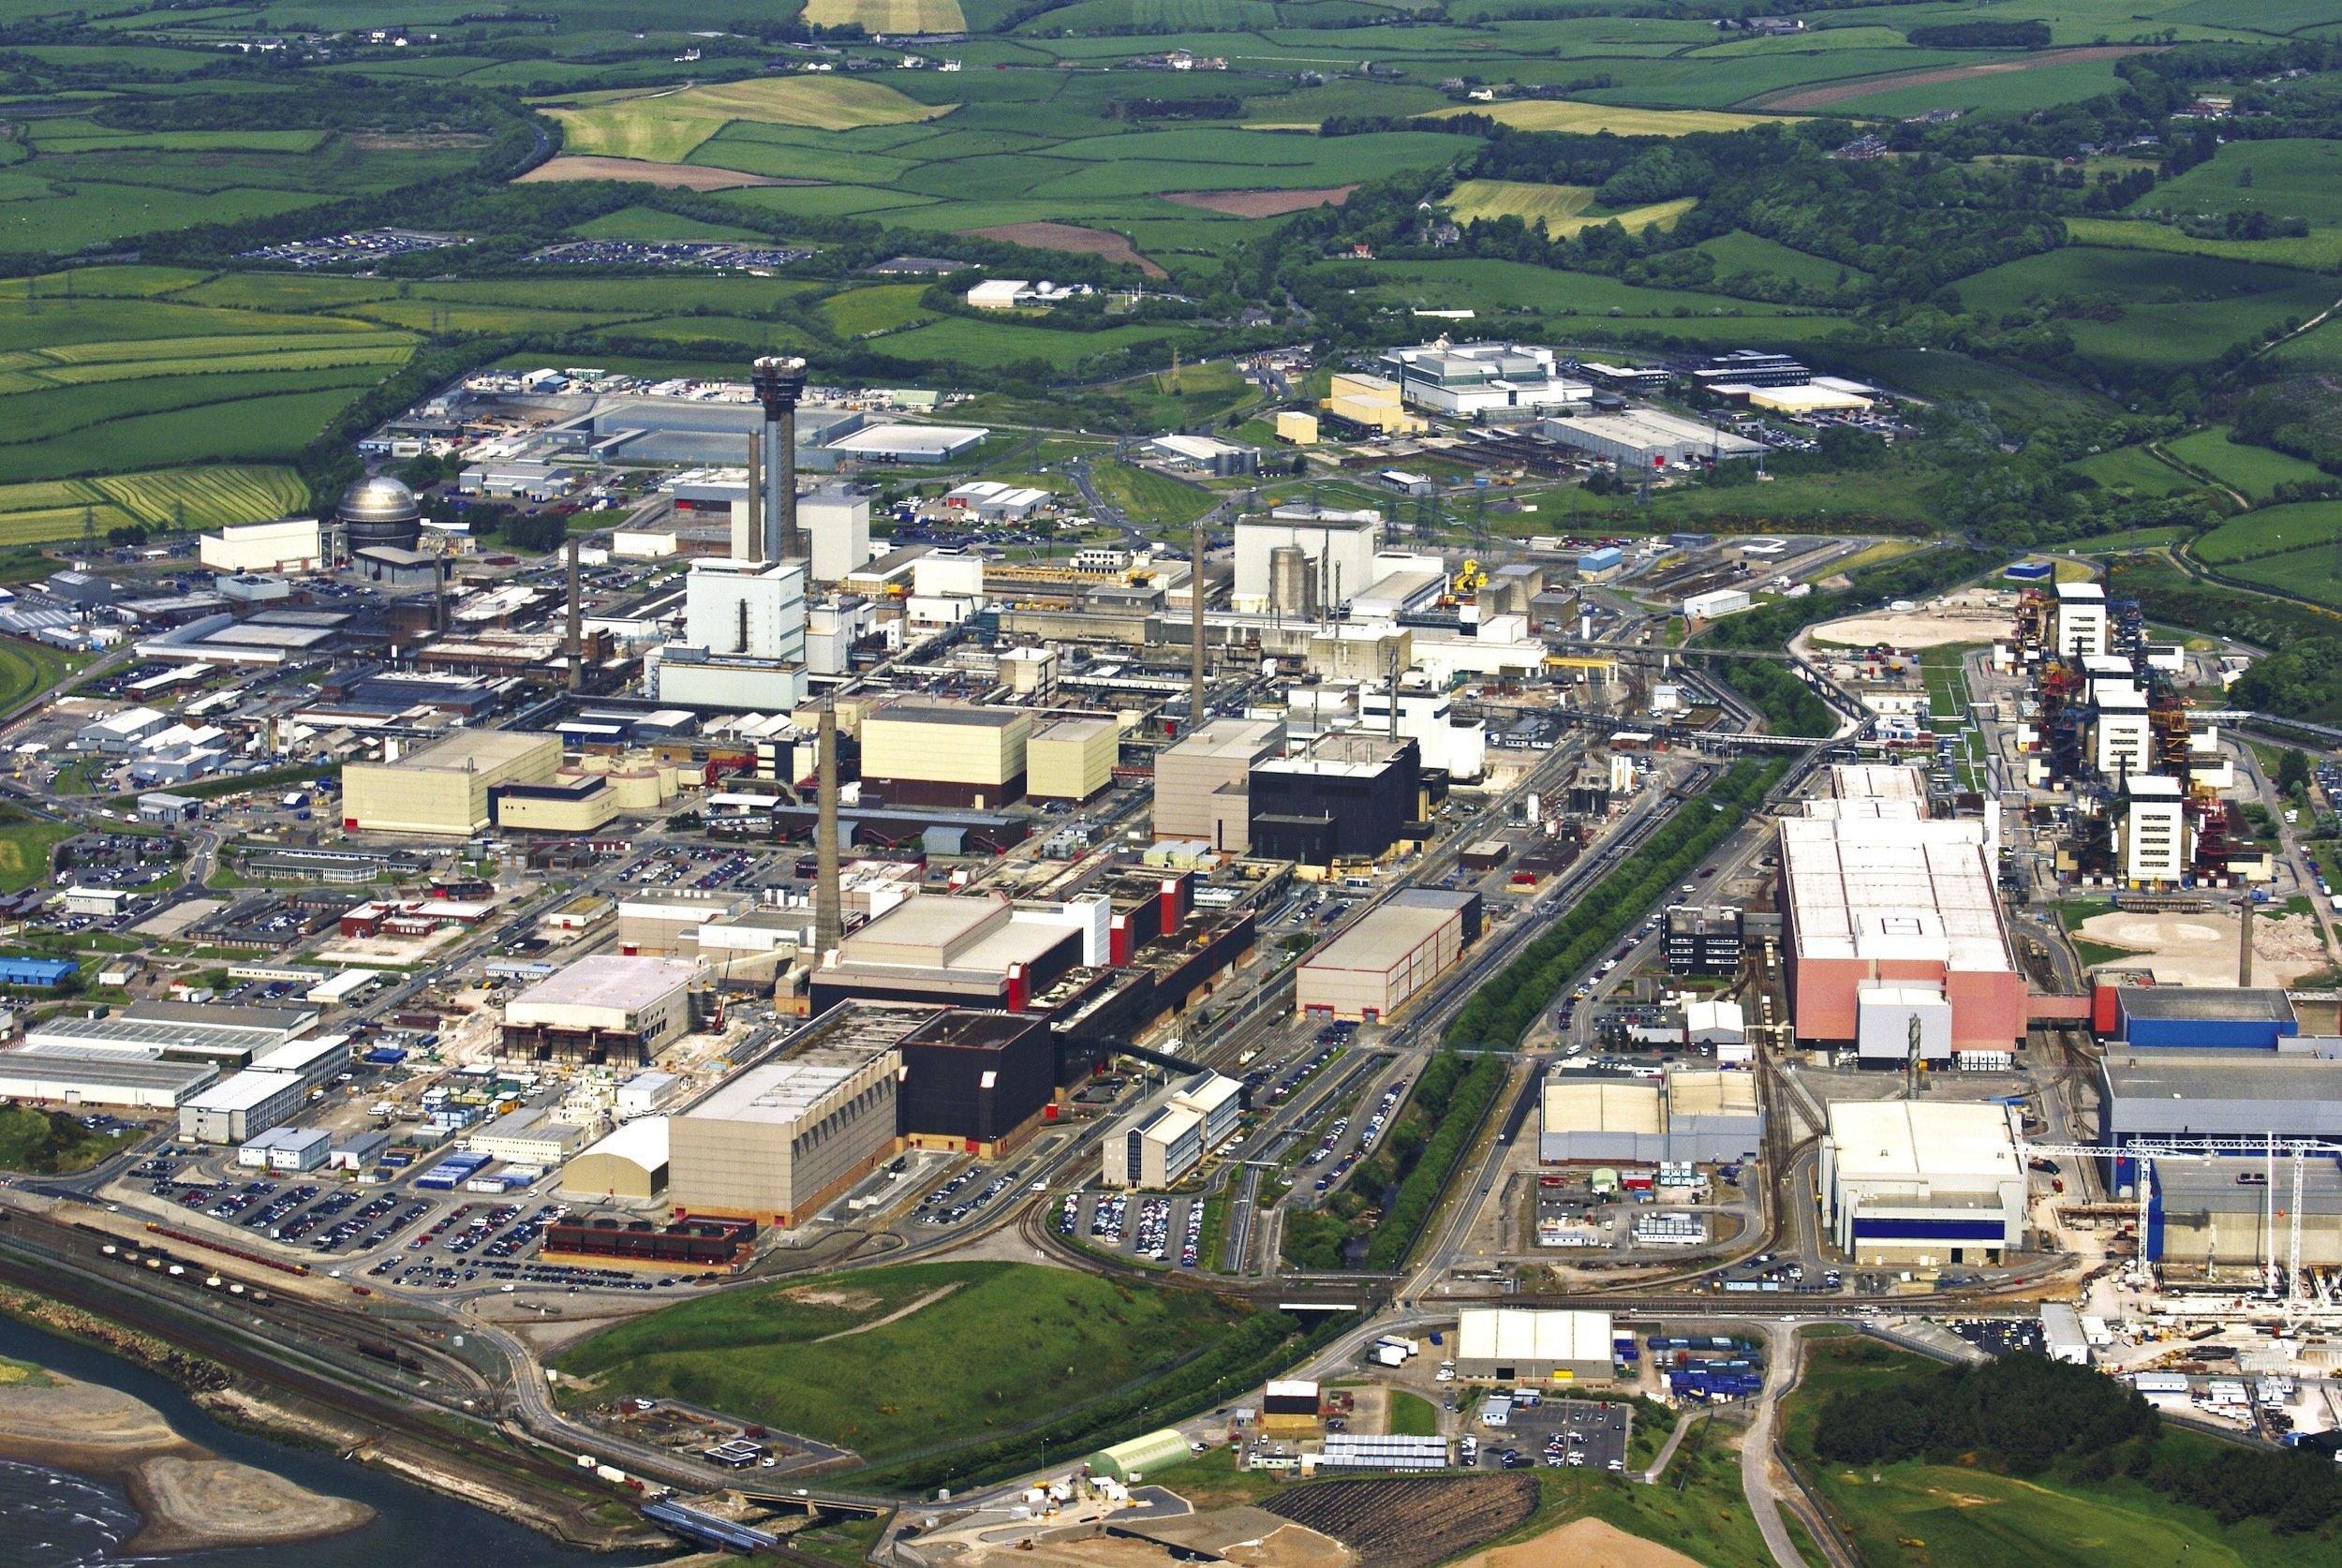 Die riesige, rund sechs Kilometer lange Atomanlage in Sellafield wird abgerissen. Dabei werde defekte Anlagenteile, die noch weiter in Betrieb bleiben müssen, durch 3D-Drucker reproduziert.